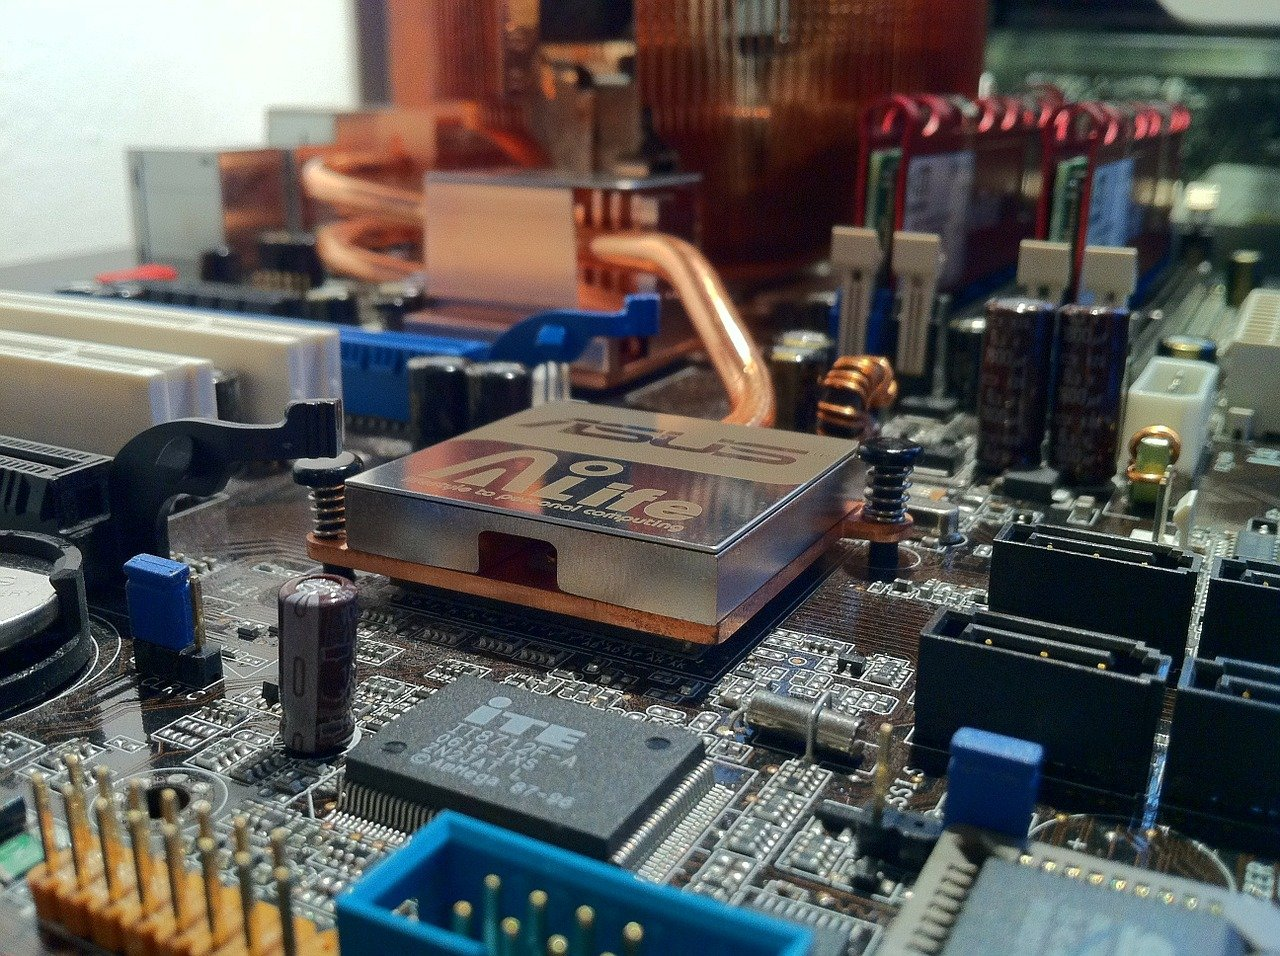 motherboard-232515_1280.jpg